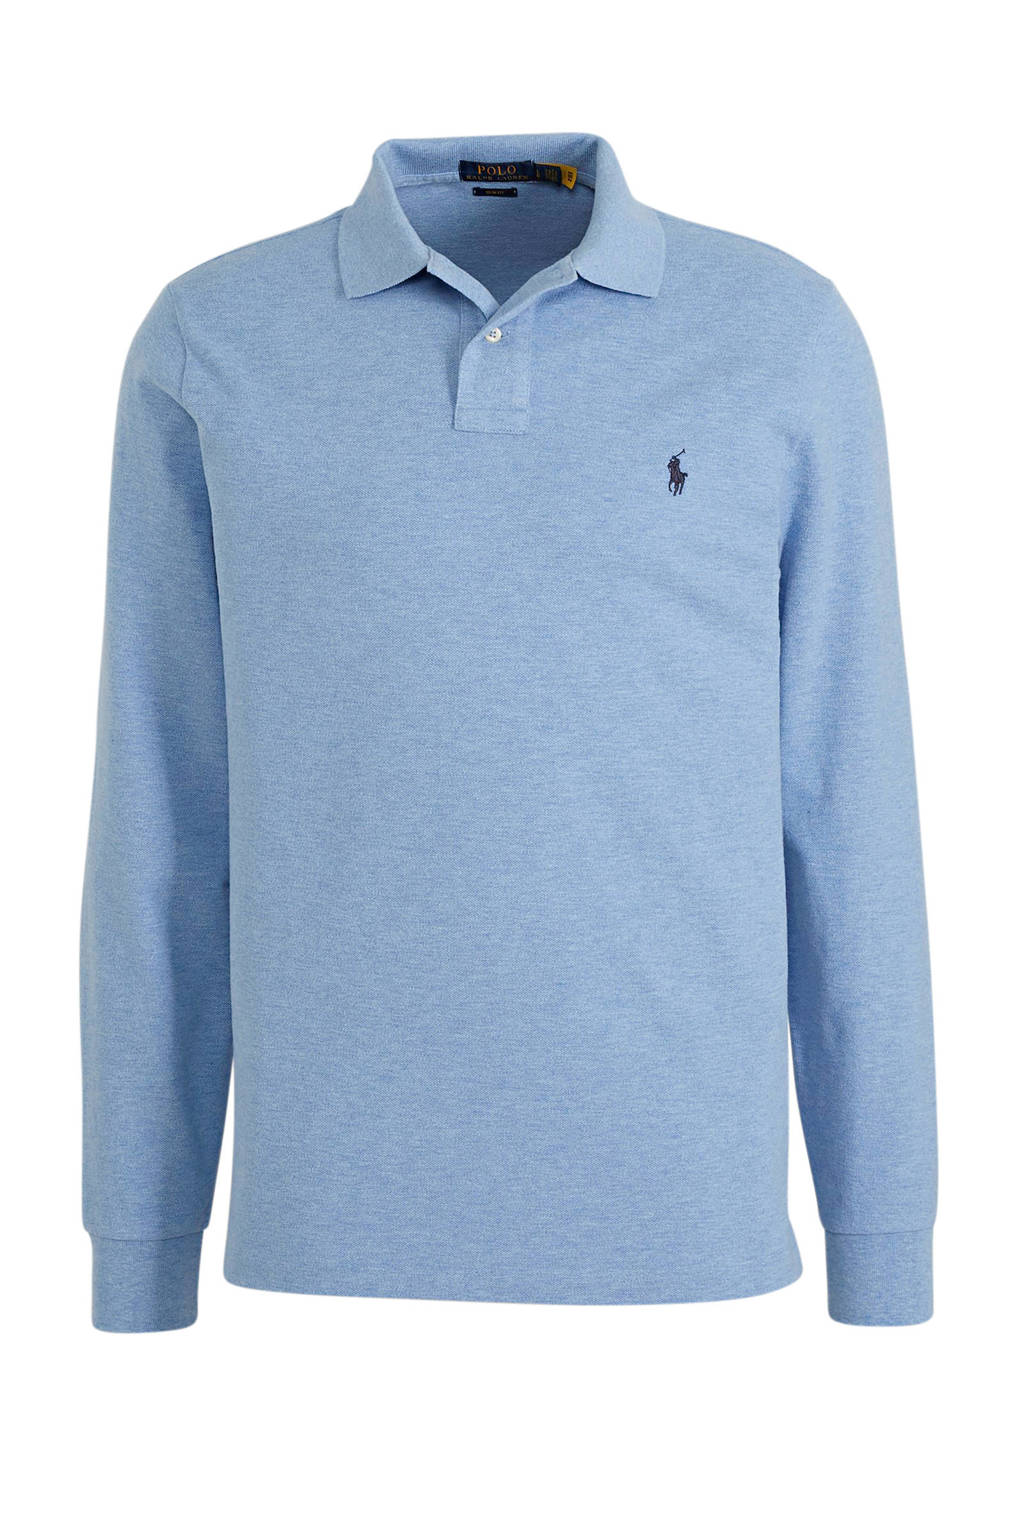 POLO Ralph Lauren regular fit polo lichtblauw, Lichtblauw